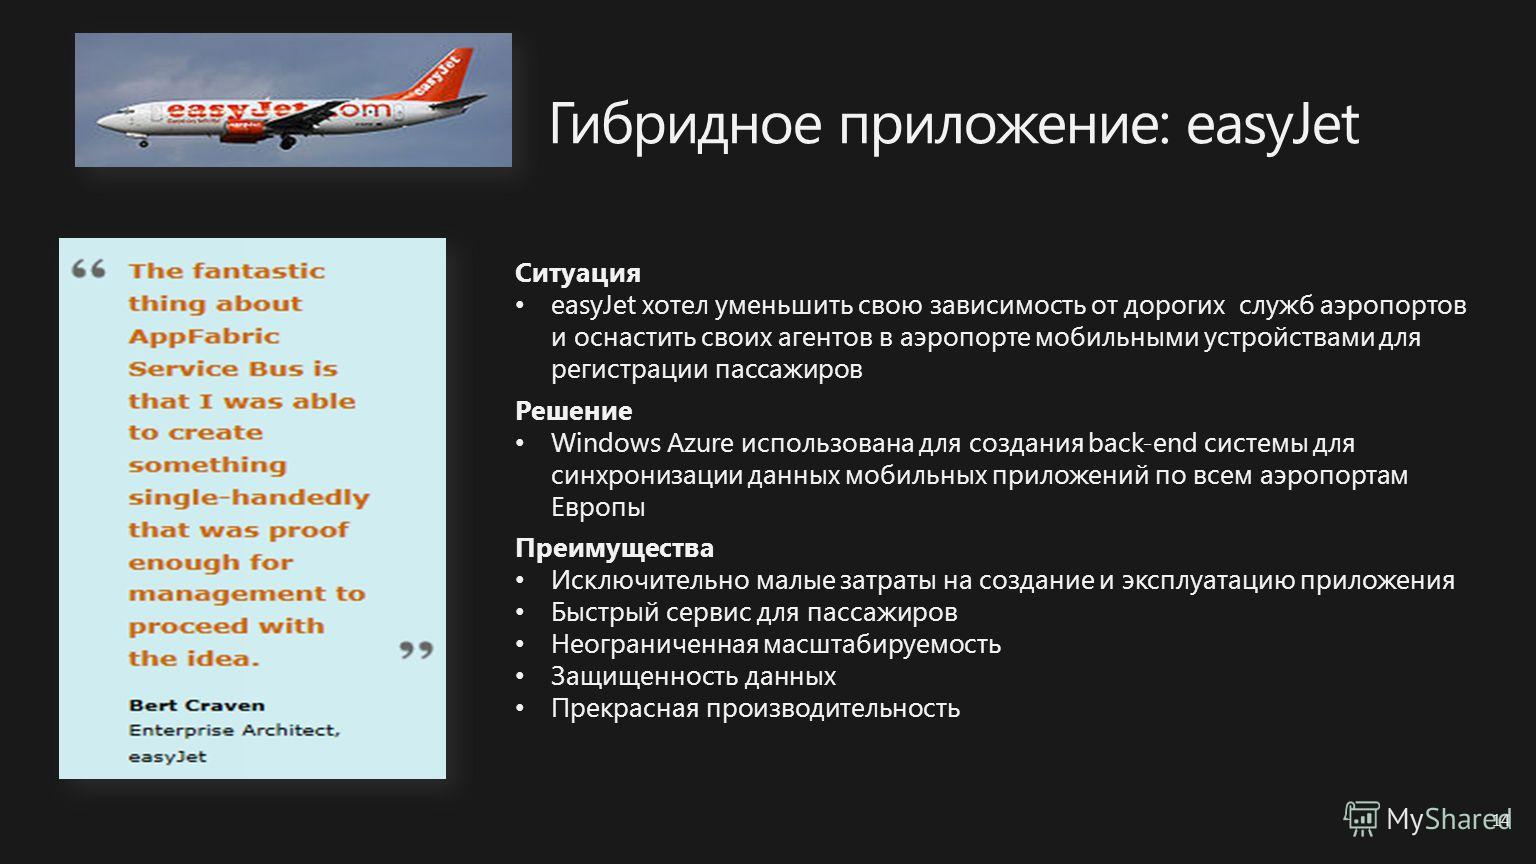 Гибридное приложение: easyJet 14 Ситуация easyJet хотел уменьшить свою зависимость от дорогих служб аэропортов и оснастить своих агентов в аэропорте мобильными устройствами для регистрации пассажиров Решение Windows Azure использована для создания ba